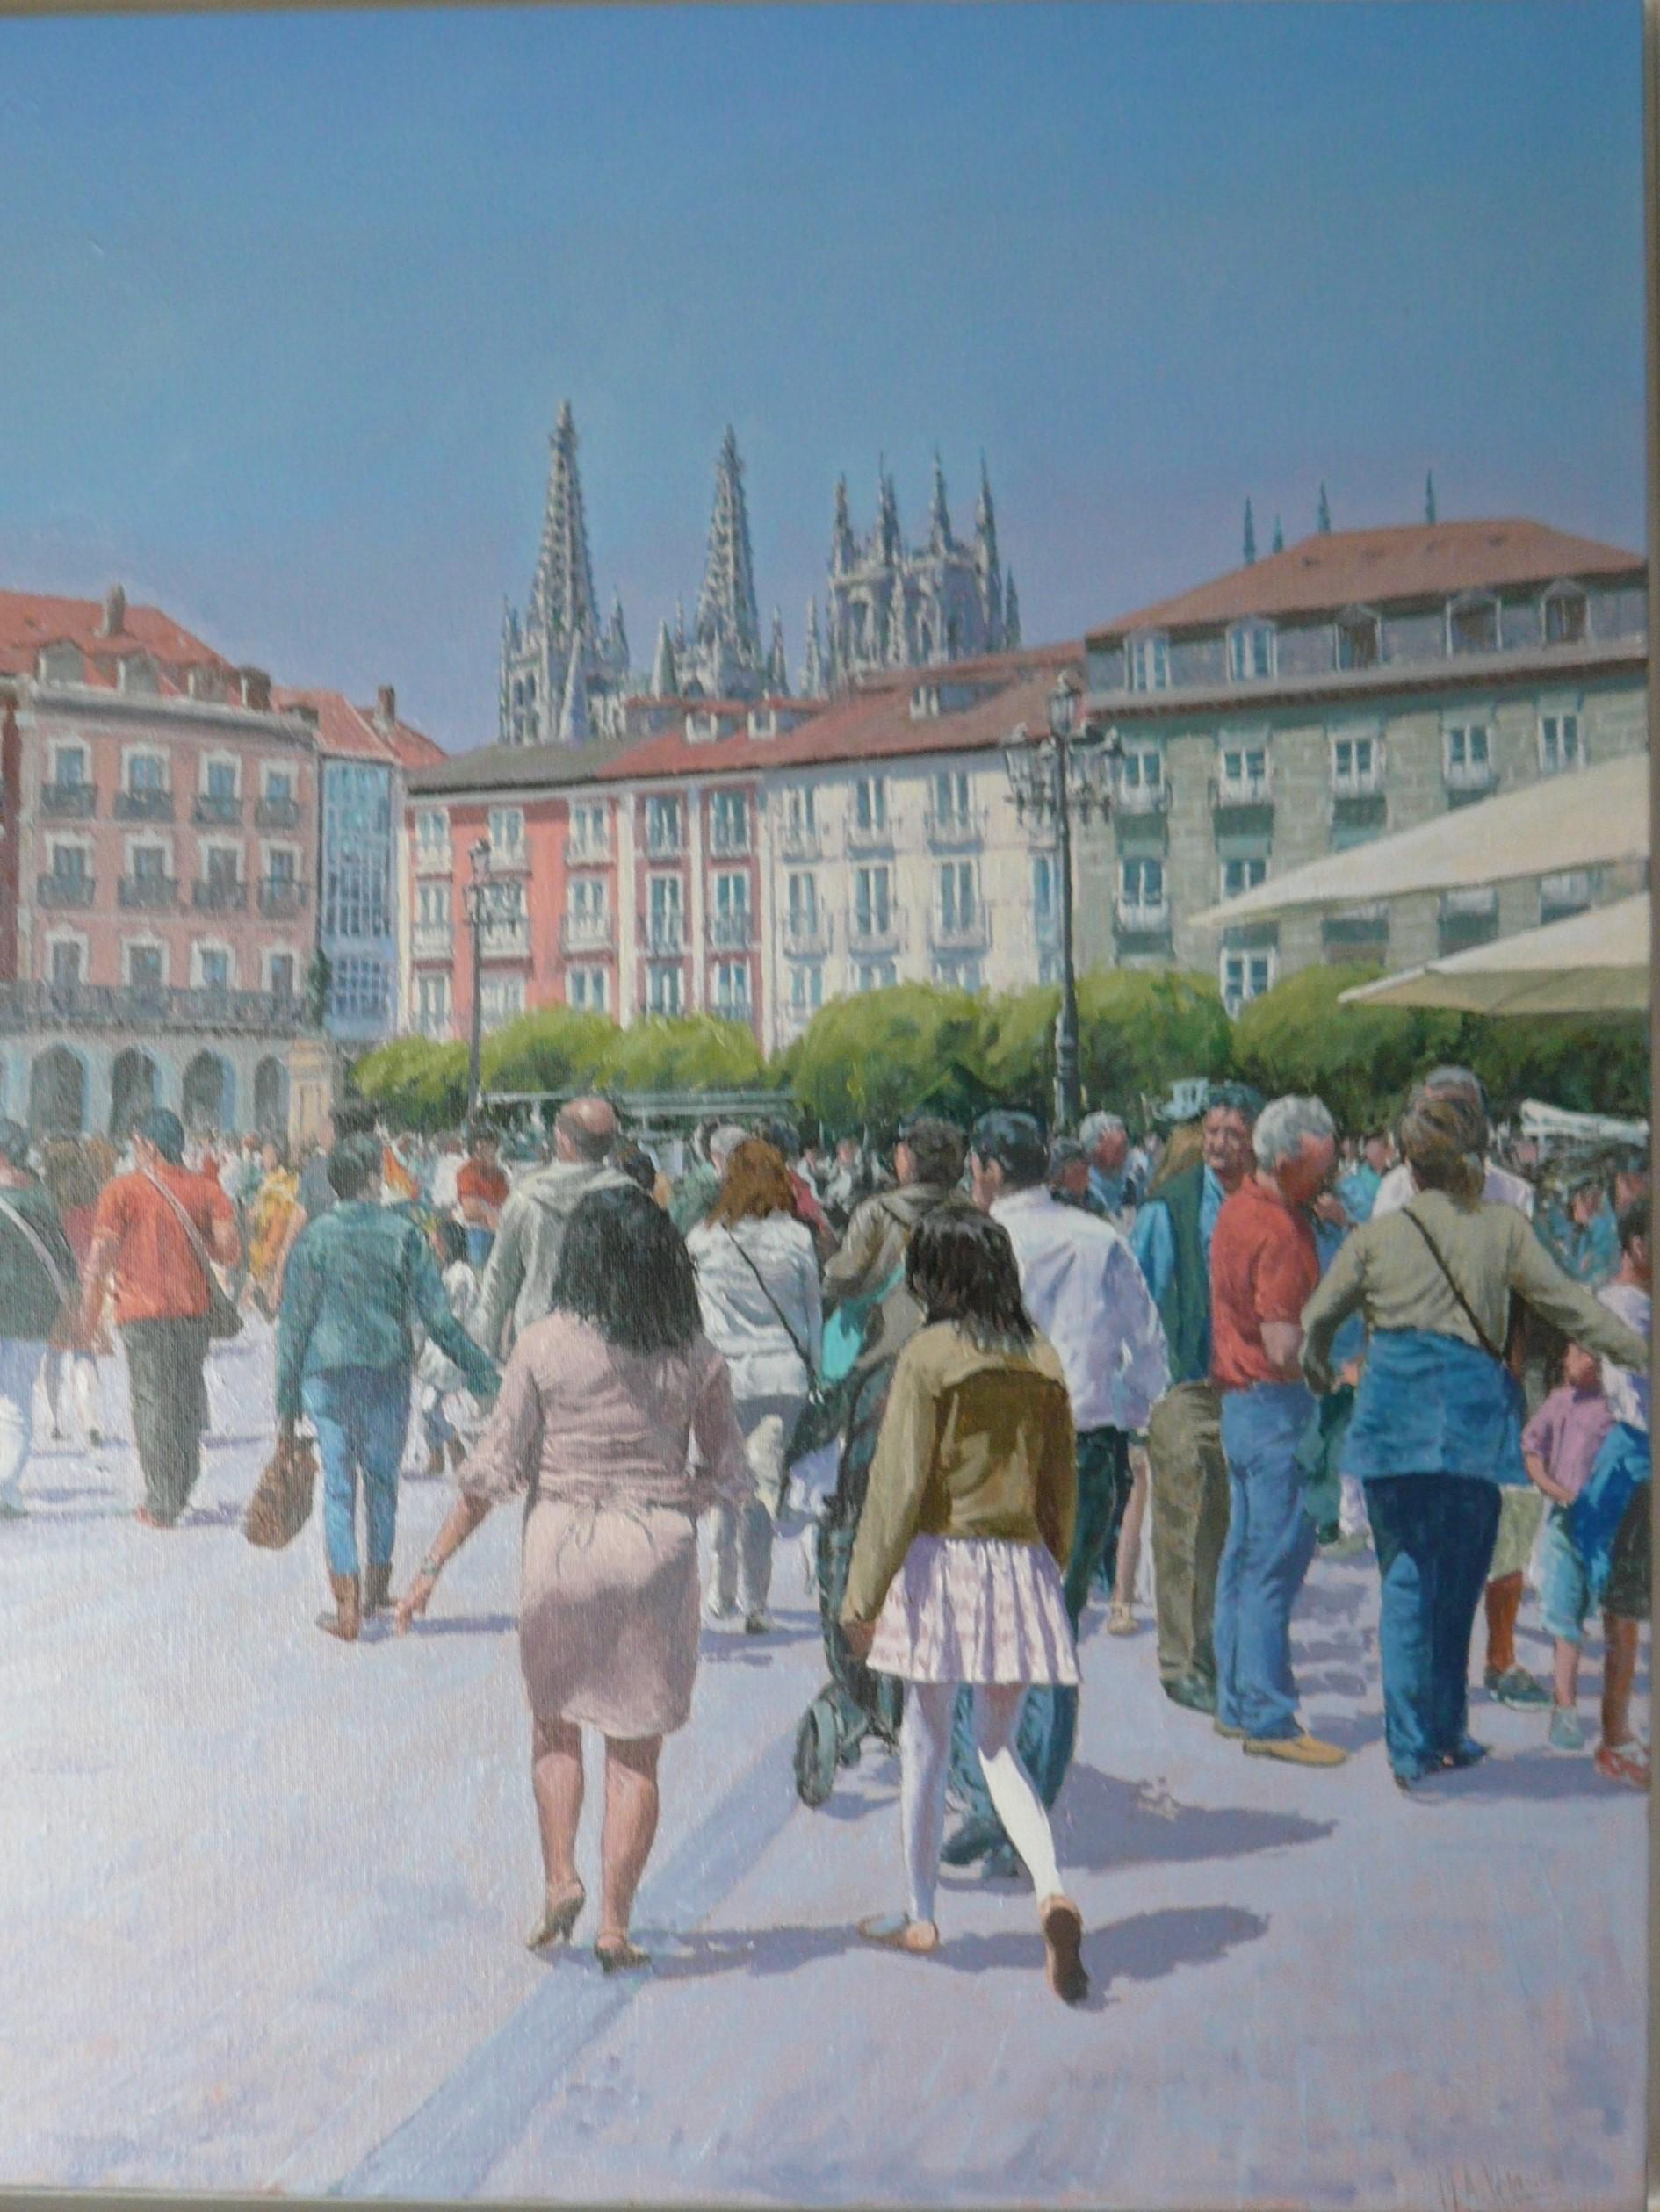 BURGOS, PLAZA MAYOR (2020) - Miguel Ángel Velasco Diez